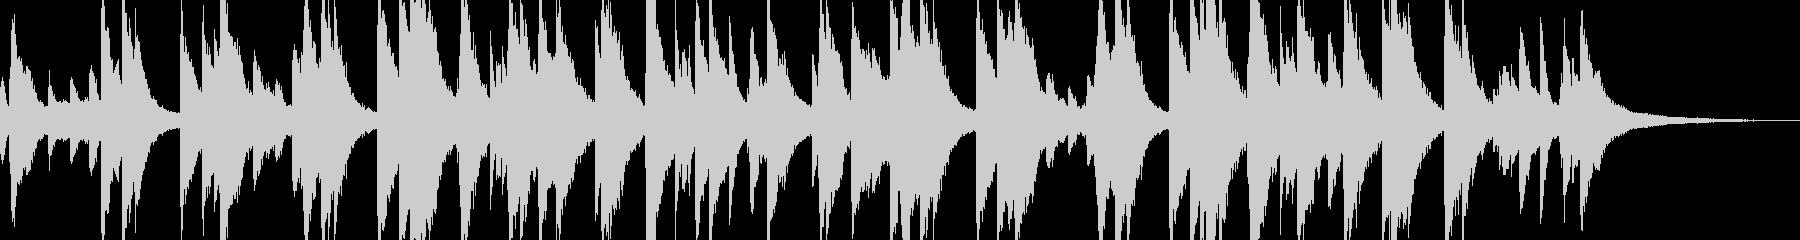 想い出をイメージしたピアノソロの未再生の波形